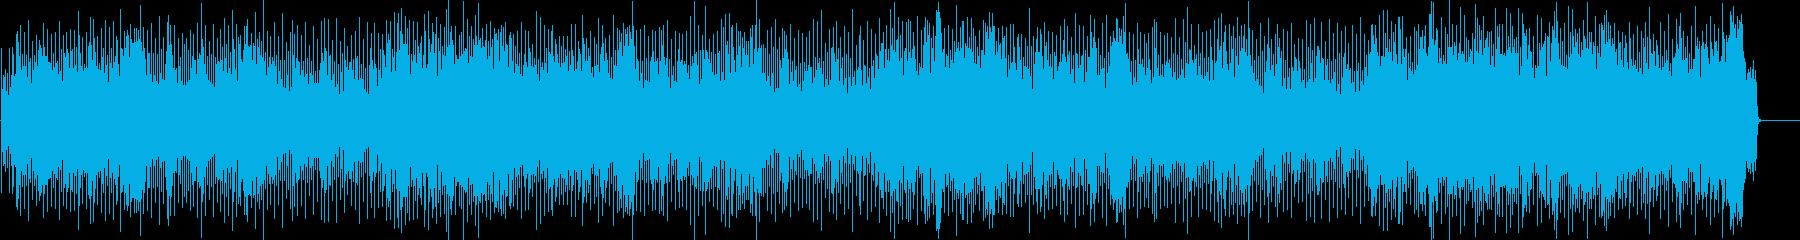 躍動 楽しい 軽快 ディスコの再生済みの波形